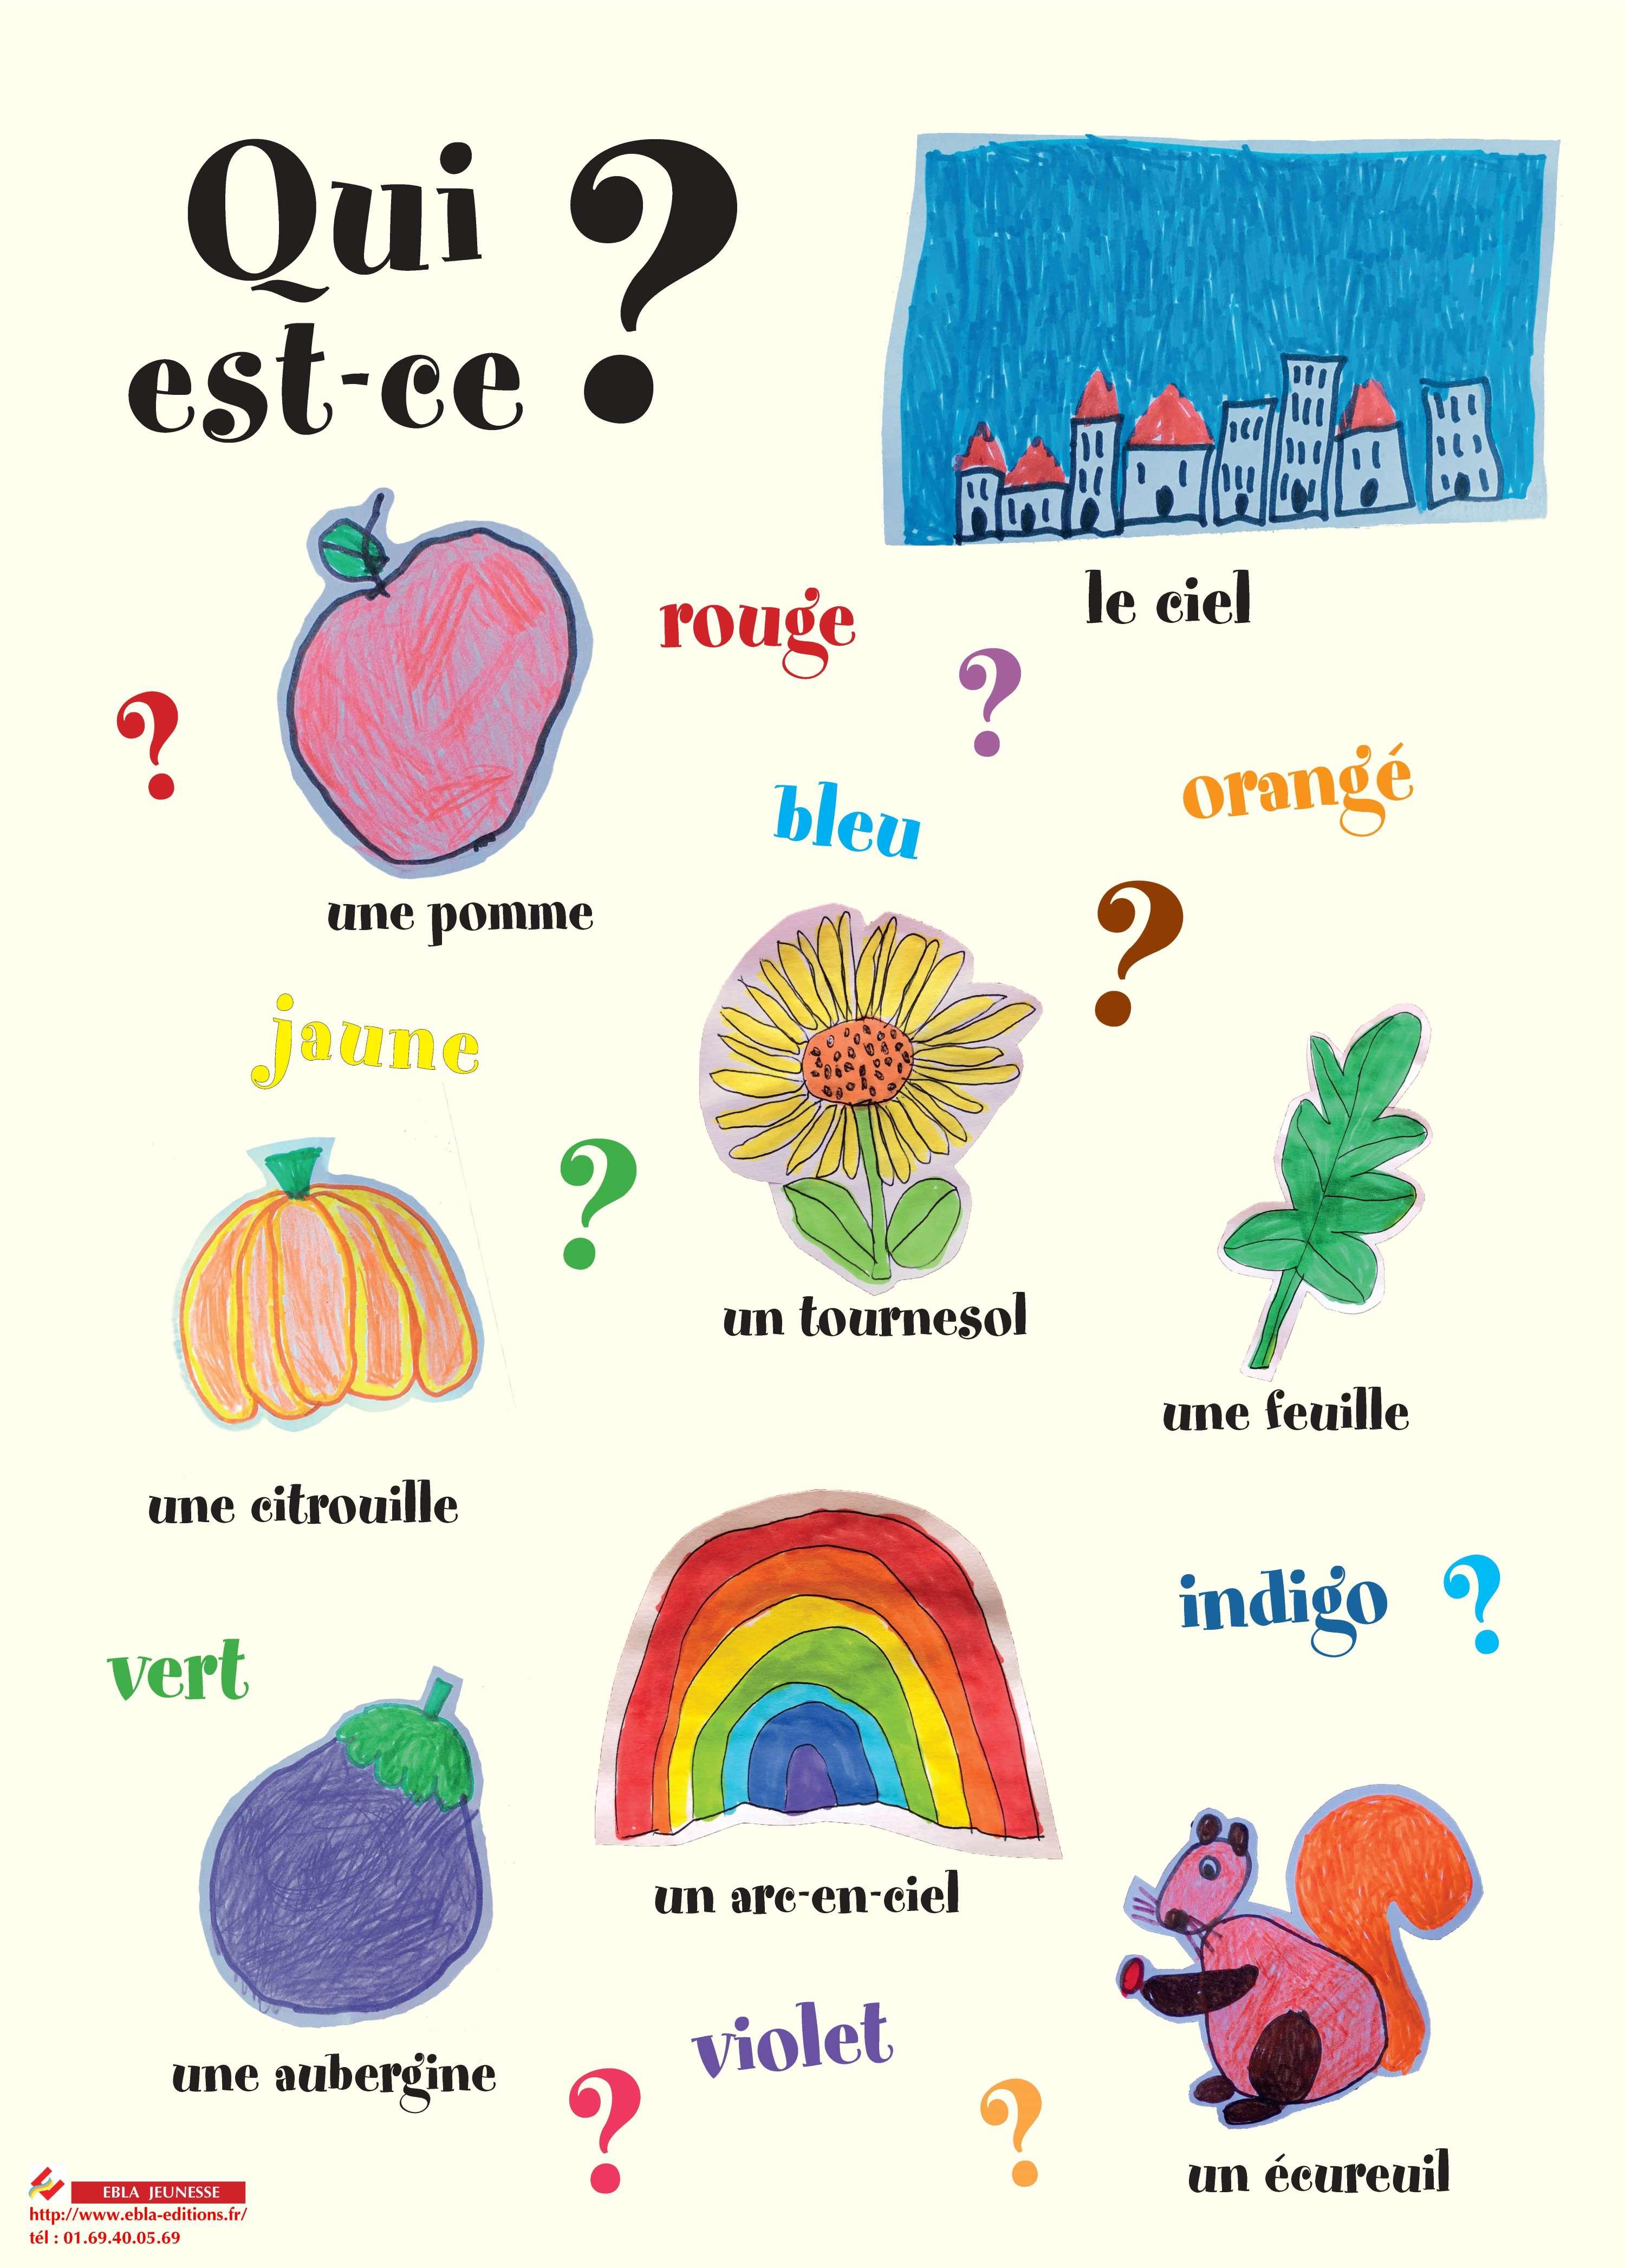 poster_Qui est-ce_.jpg